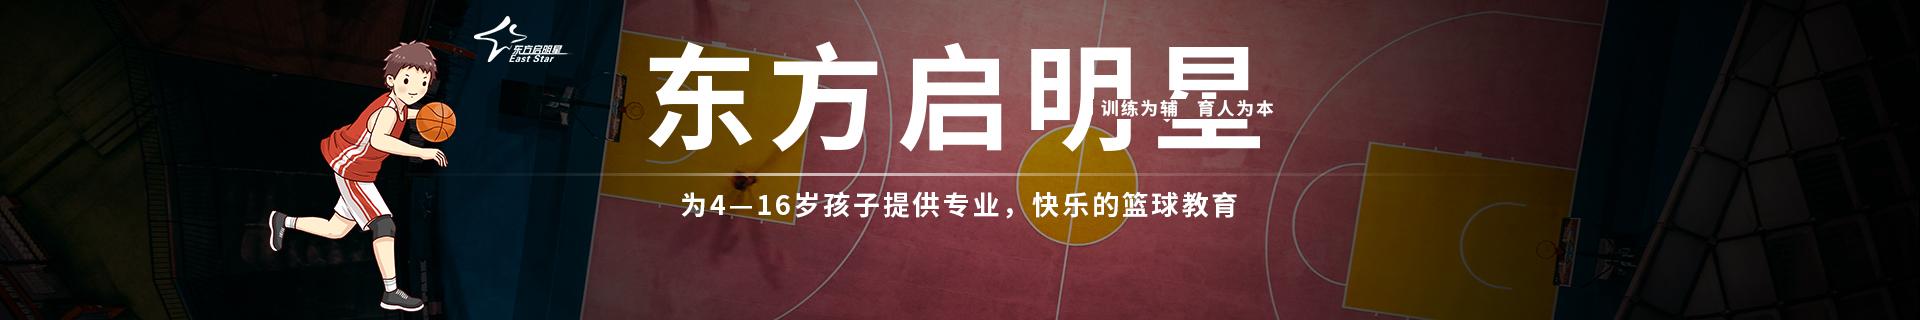 苏州吴中区东方启明星中海湖滨校区